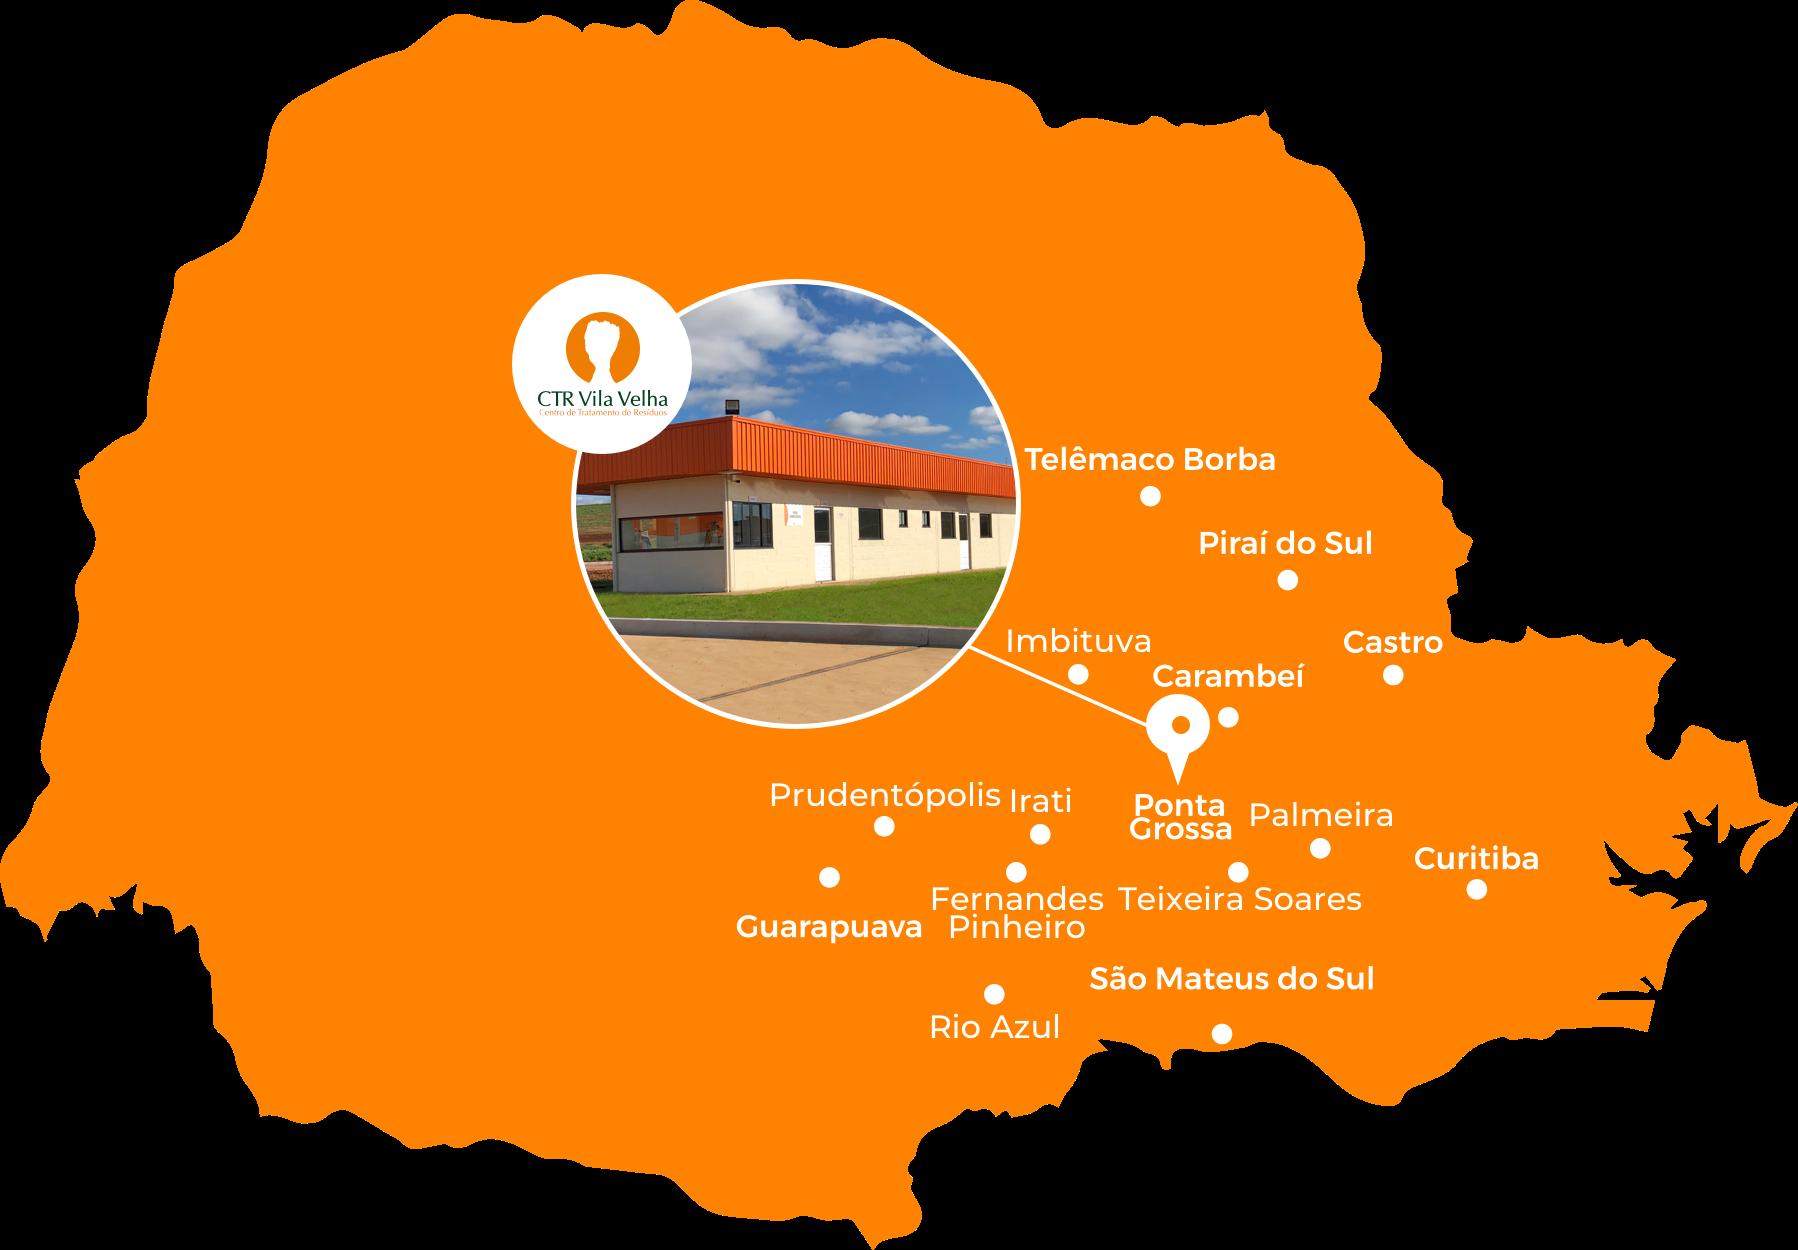 Mapa de localização do CTR Vila Velha